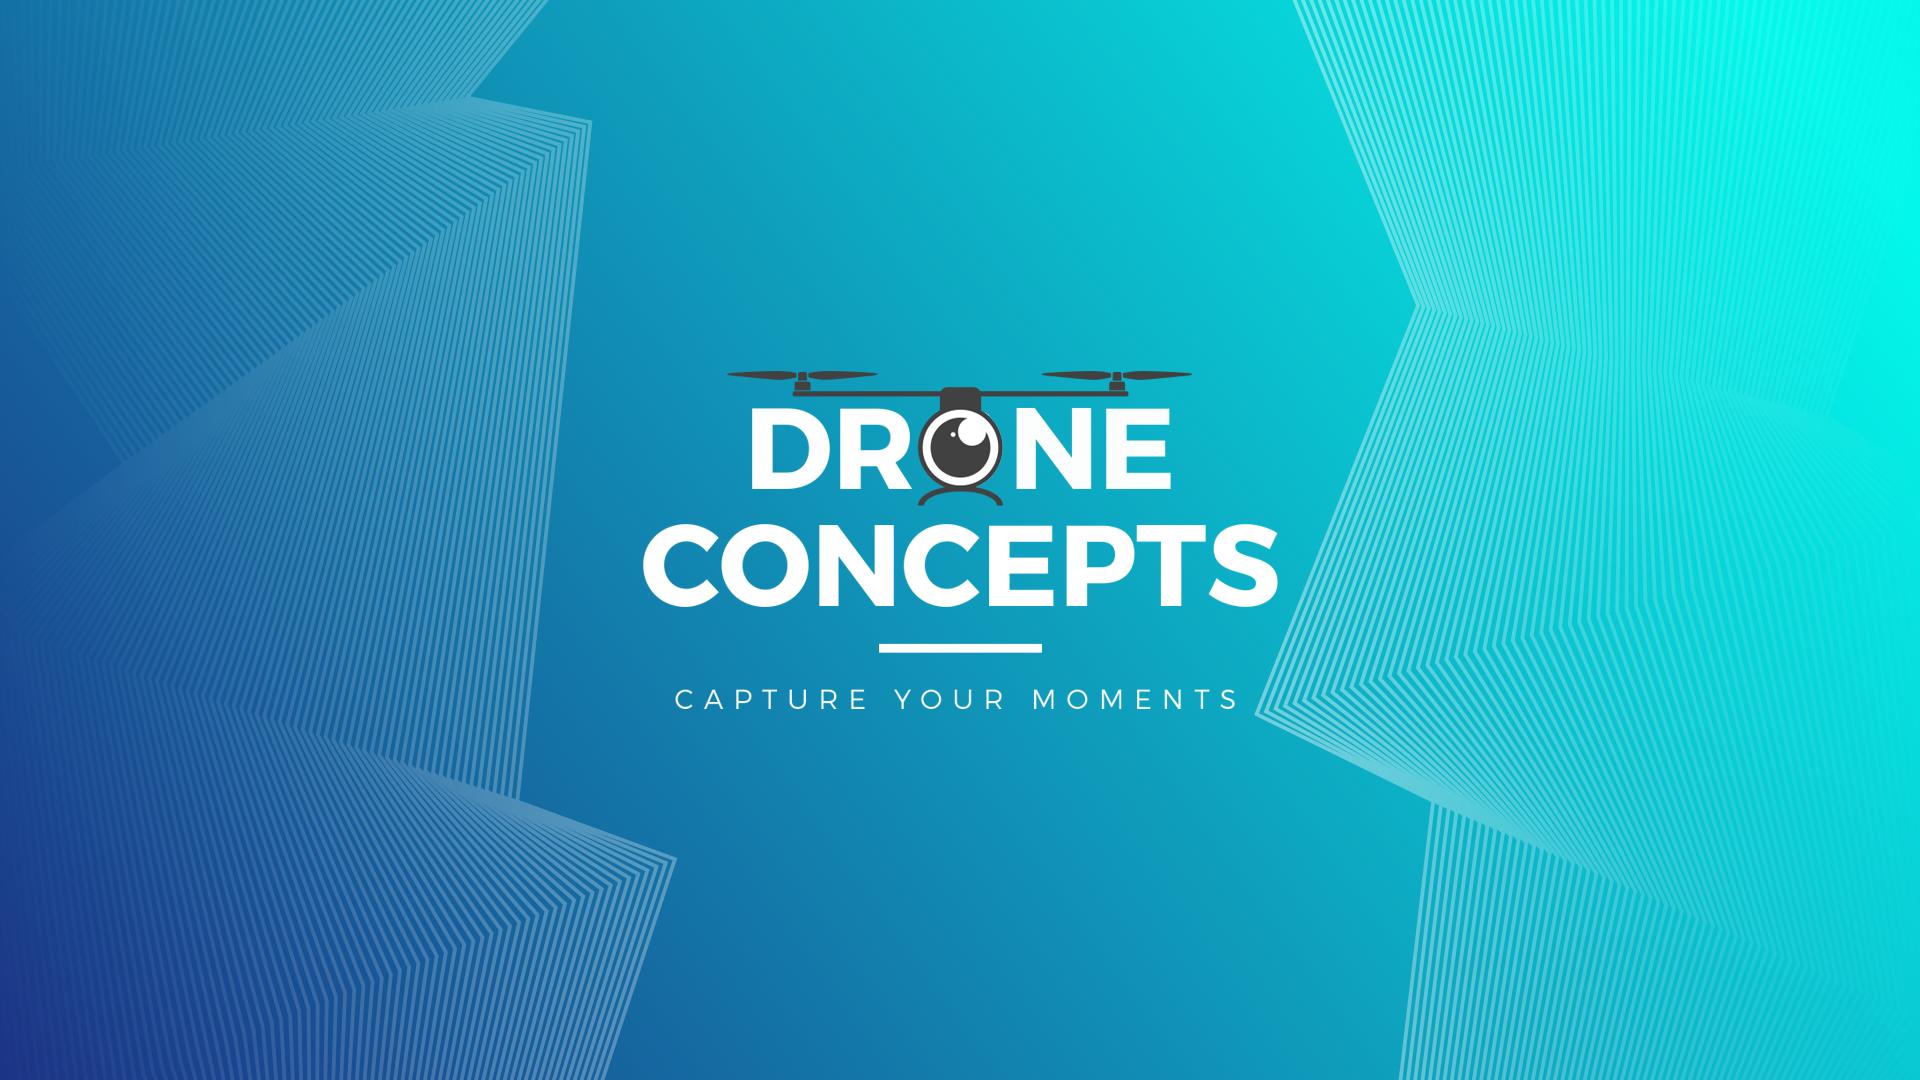 DRONECONCEPTS